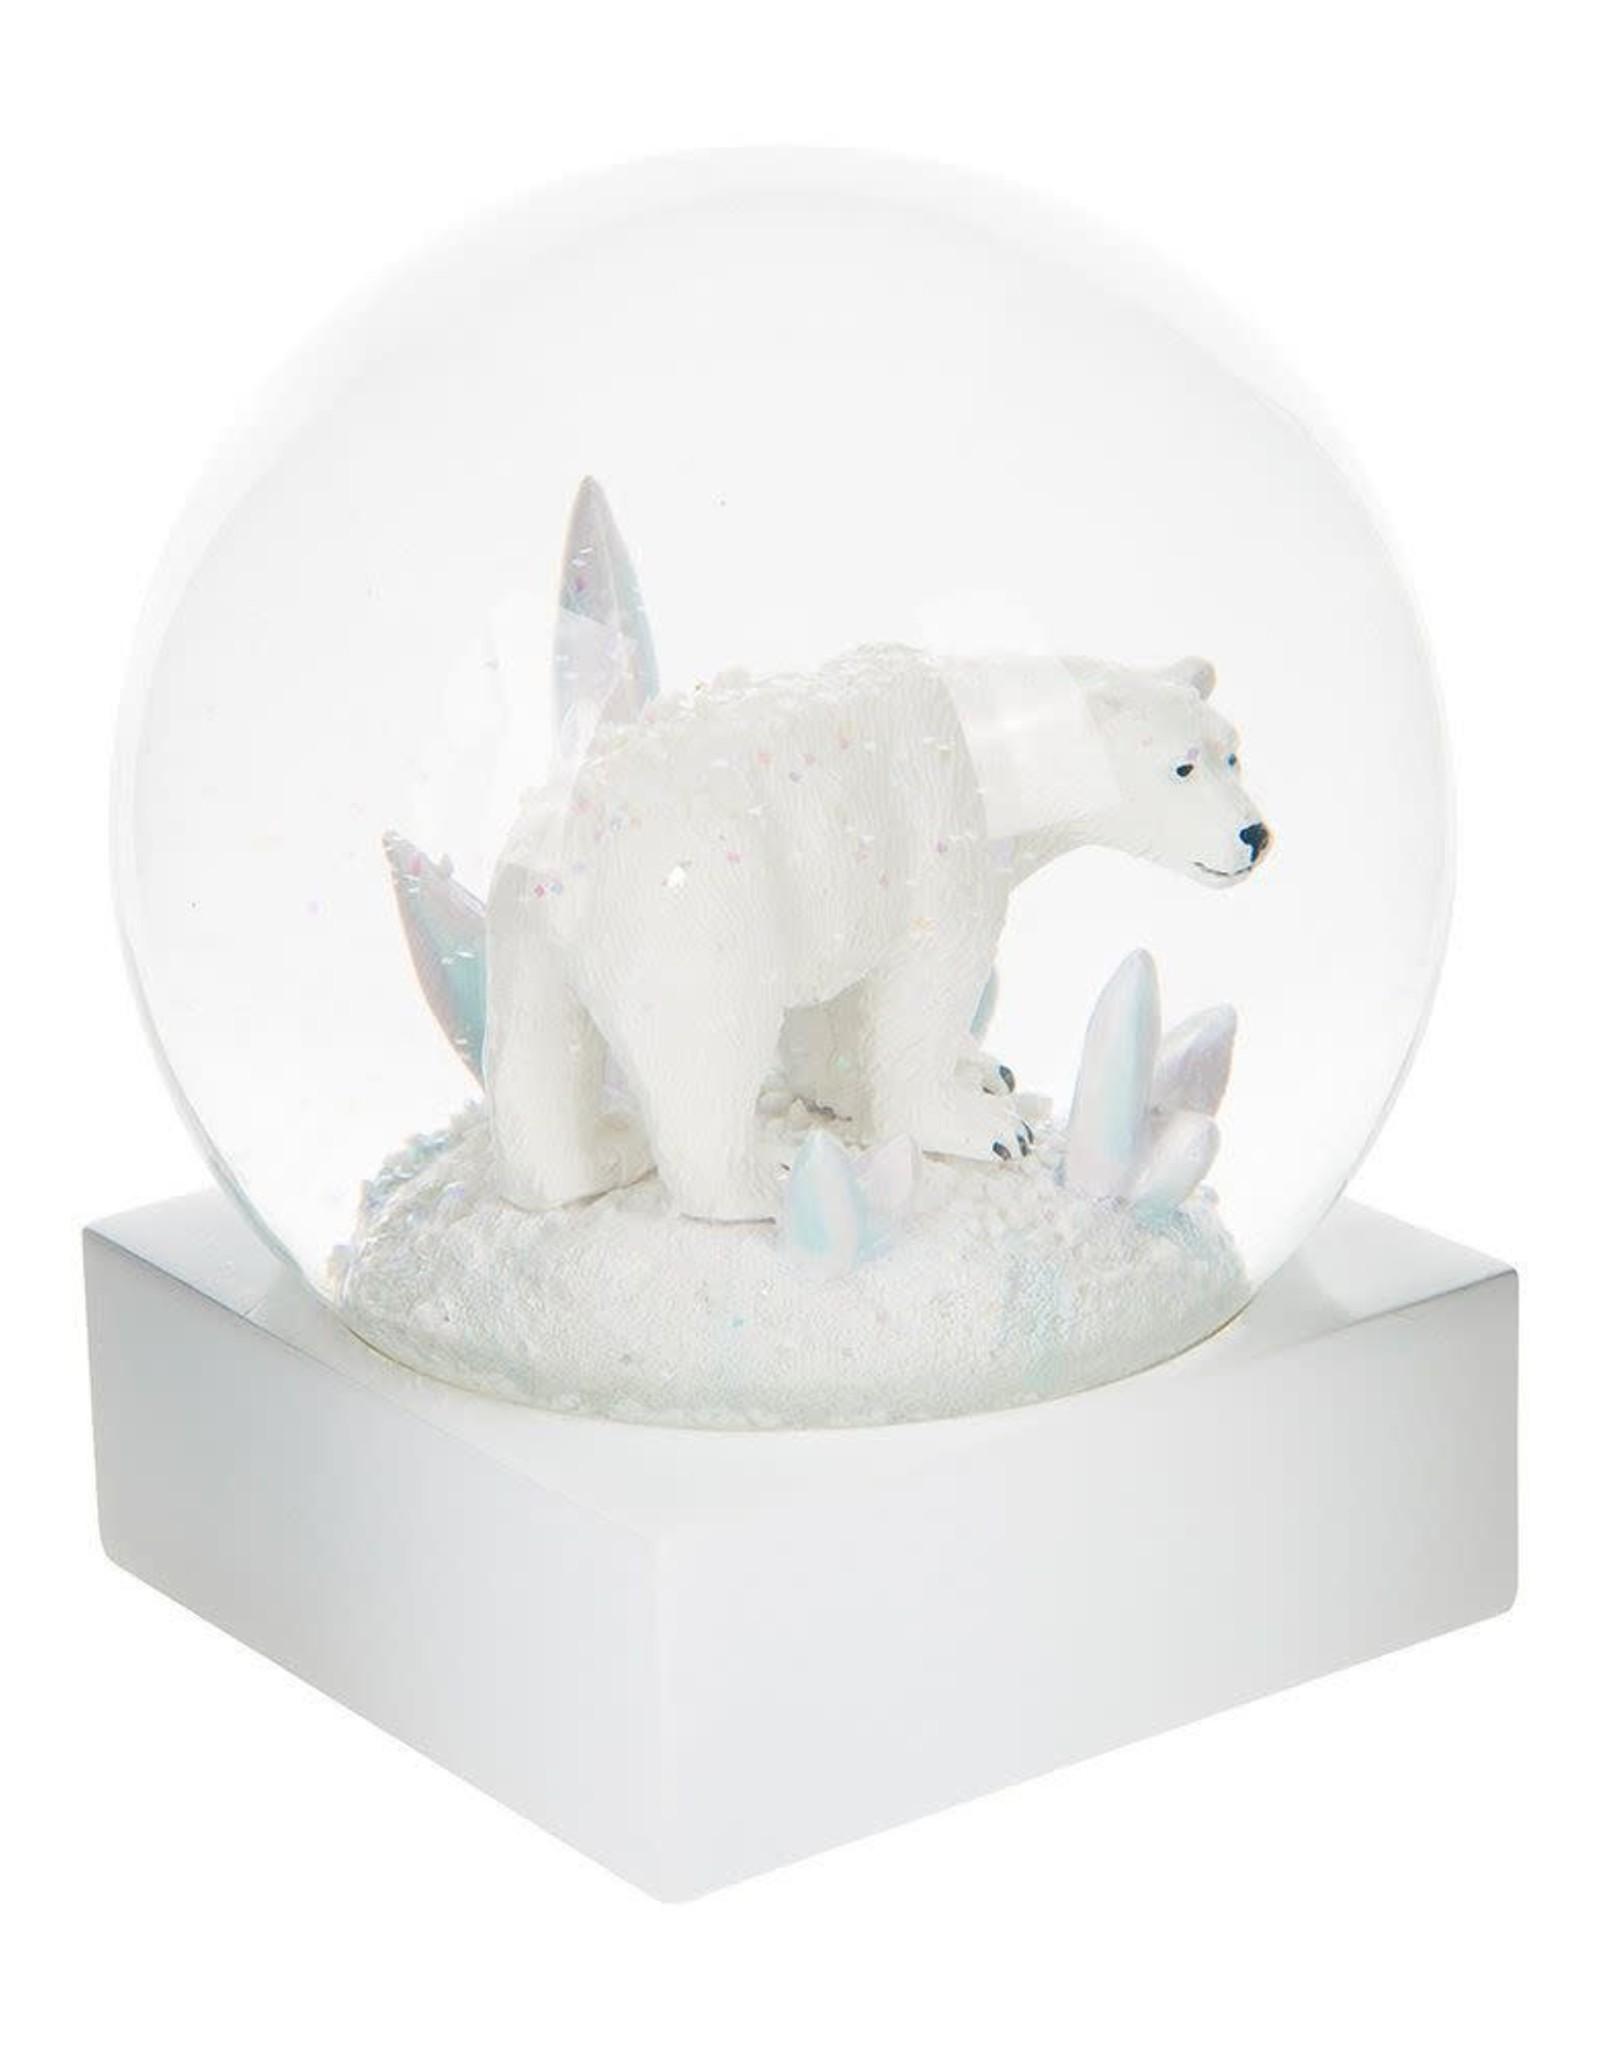 Cody Foster & Co. POLAR BEAR SNOWGLOBE